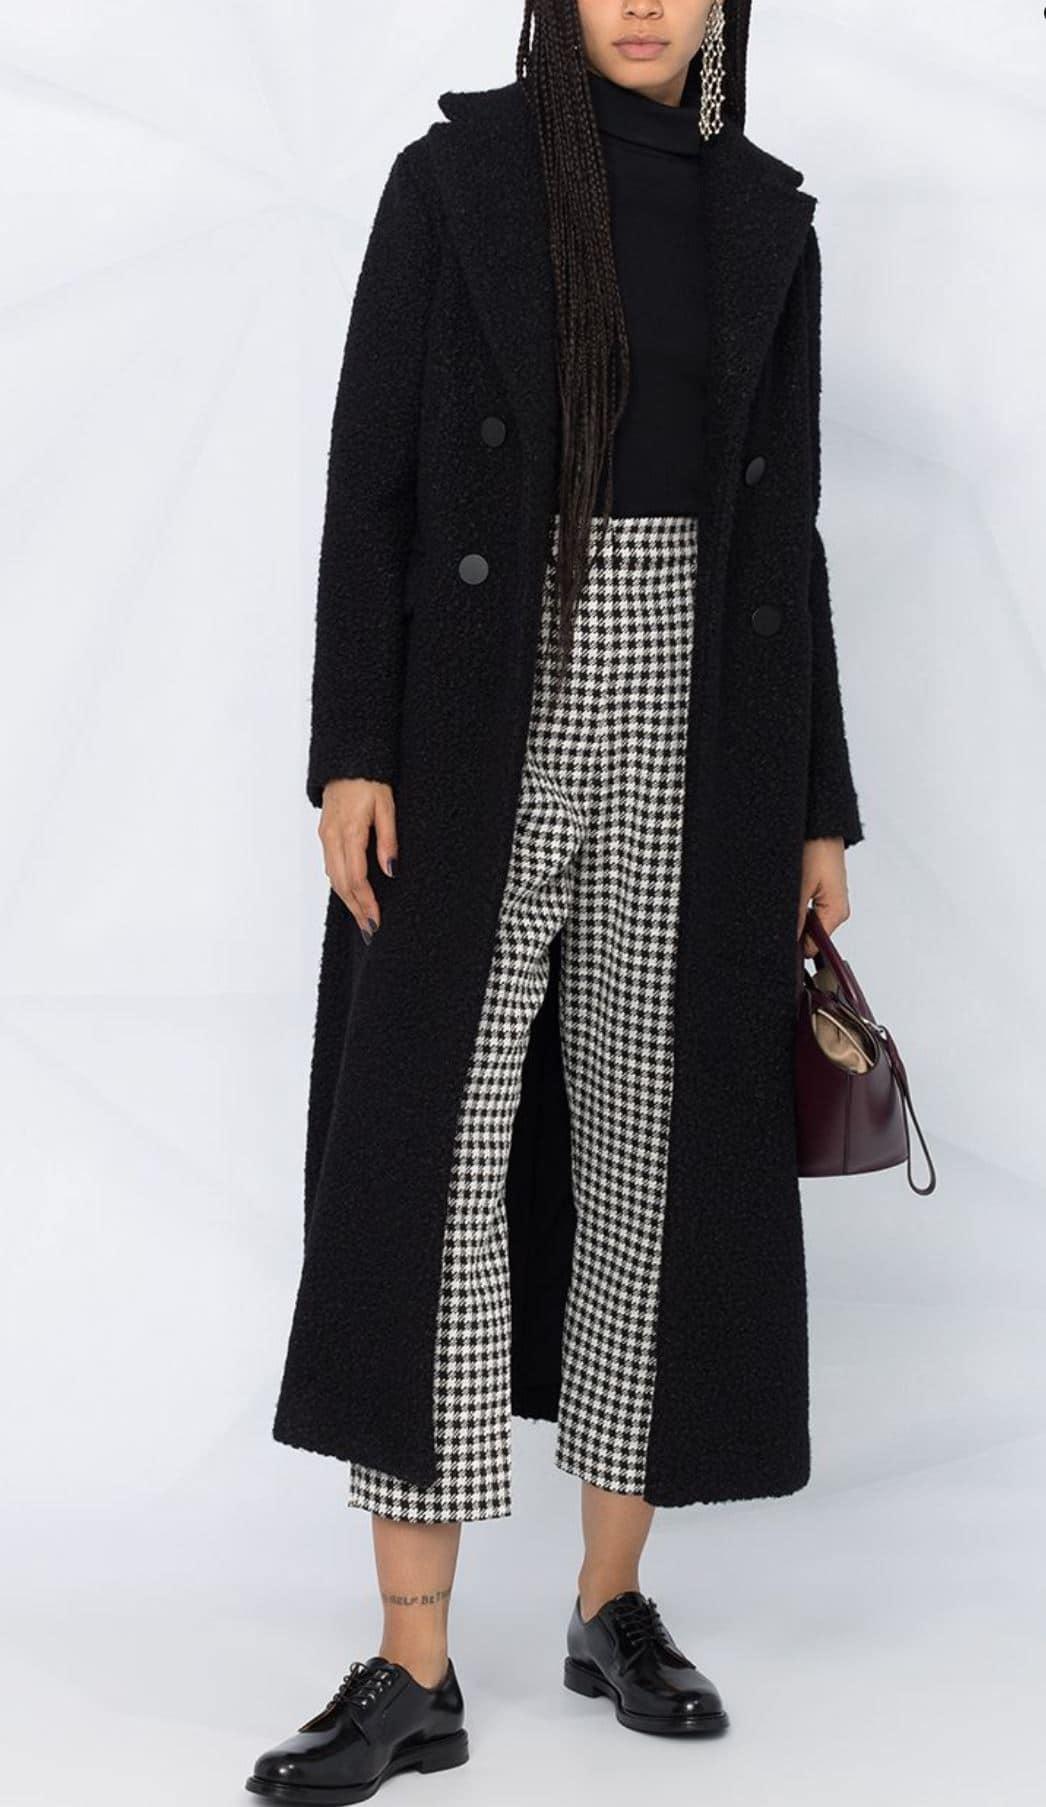 Girl in long black coat